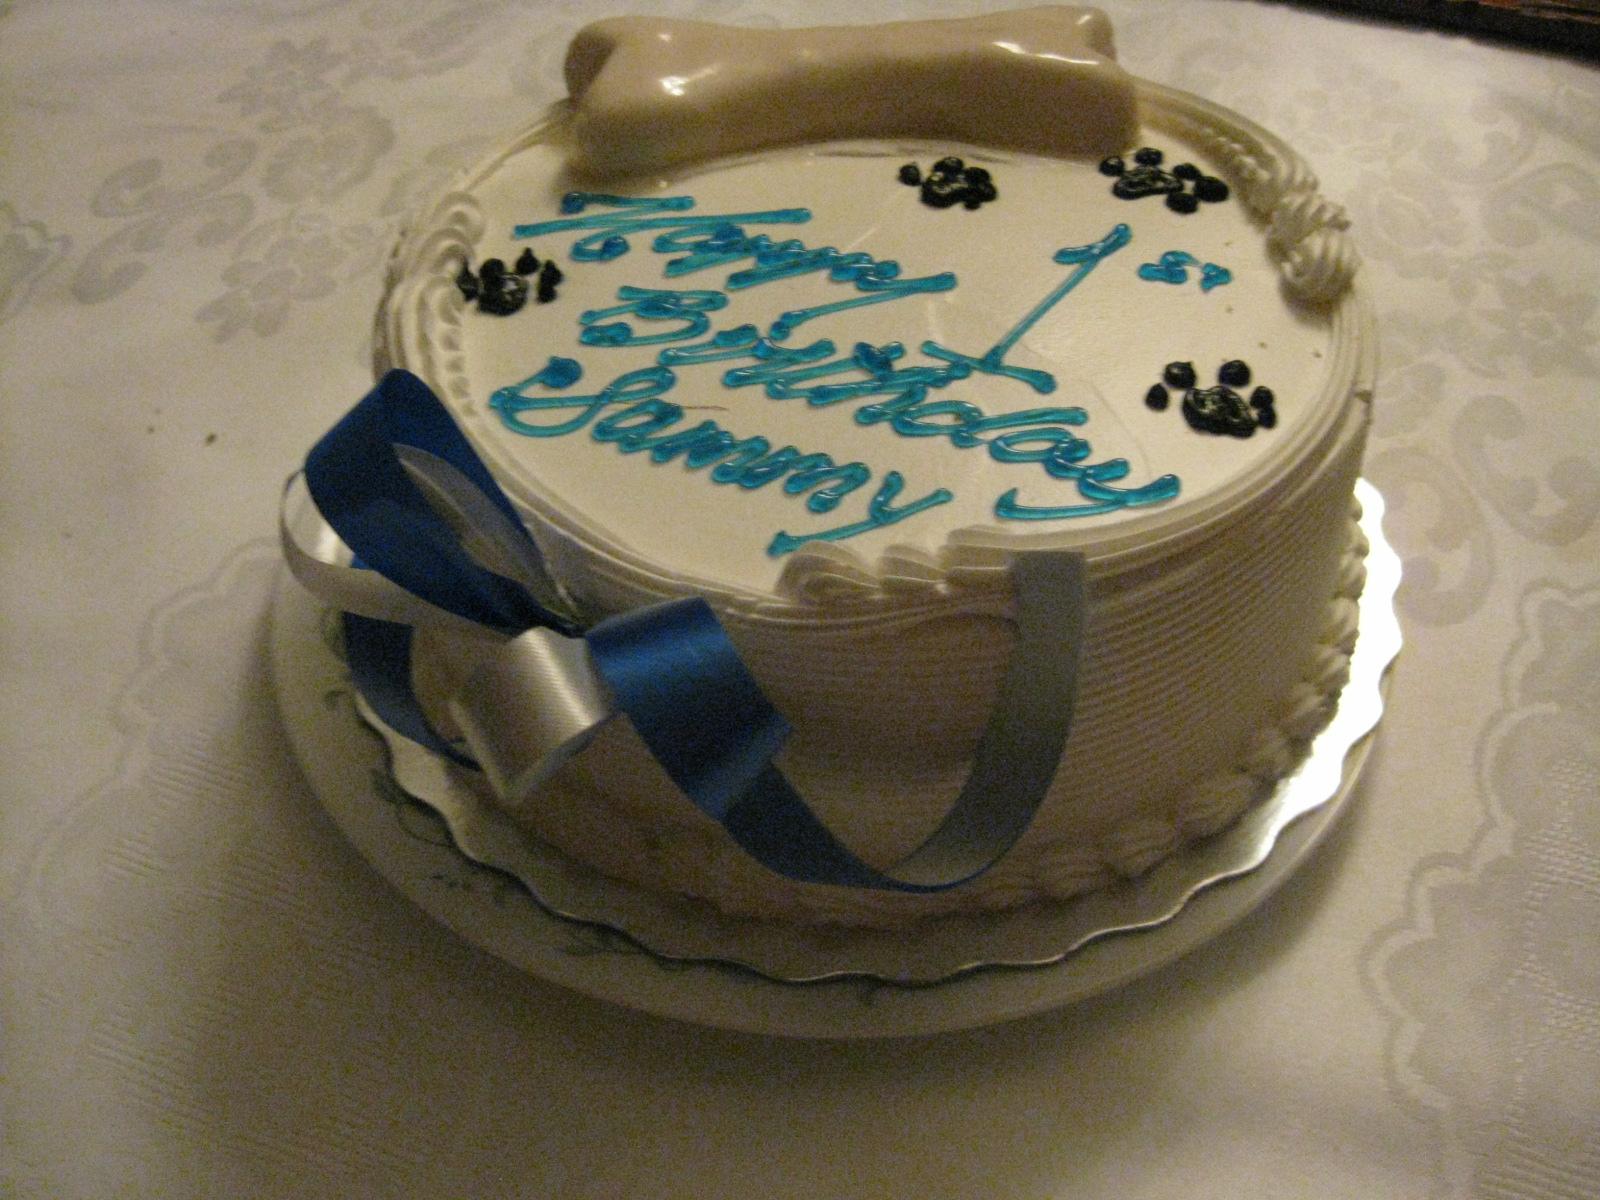 Sammy's First Birthday Cake